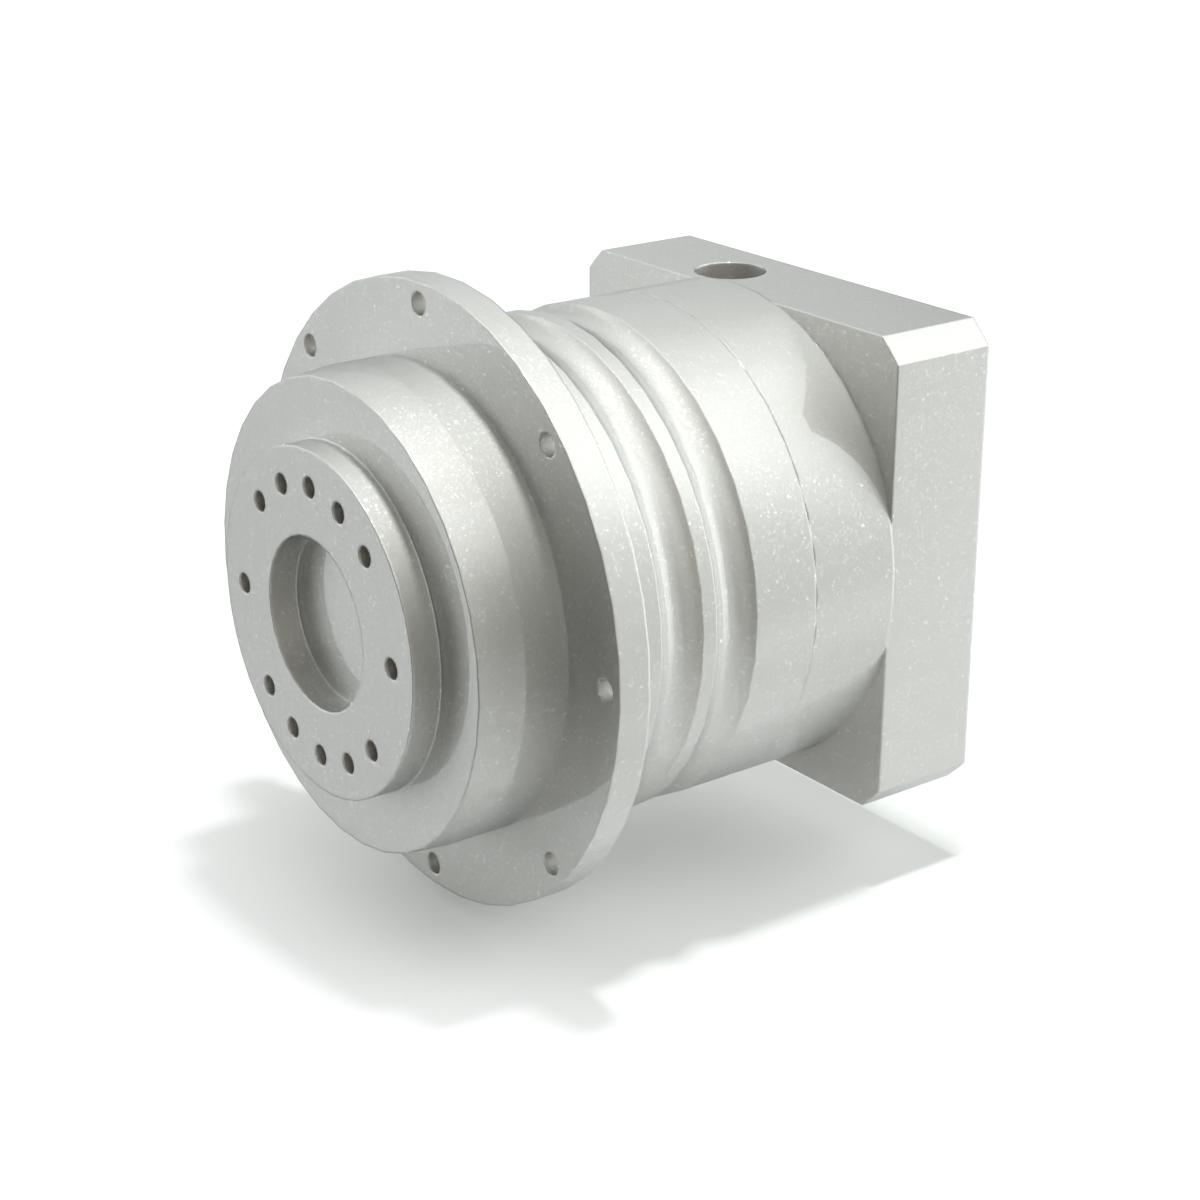 天津lenze立式减速箱生产厂家,减速箱